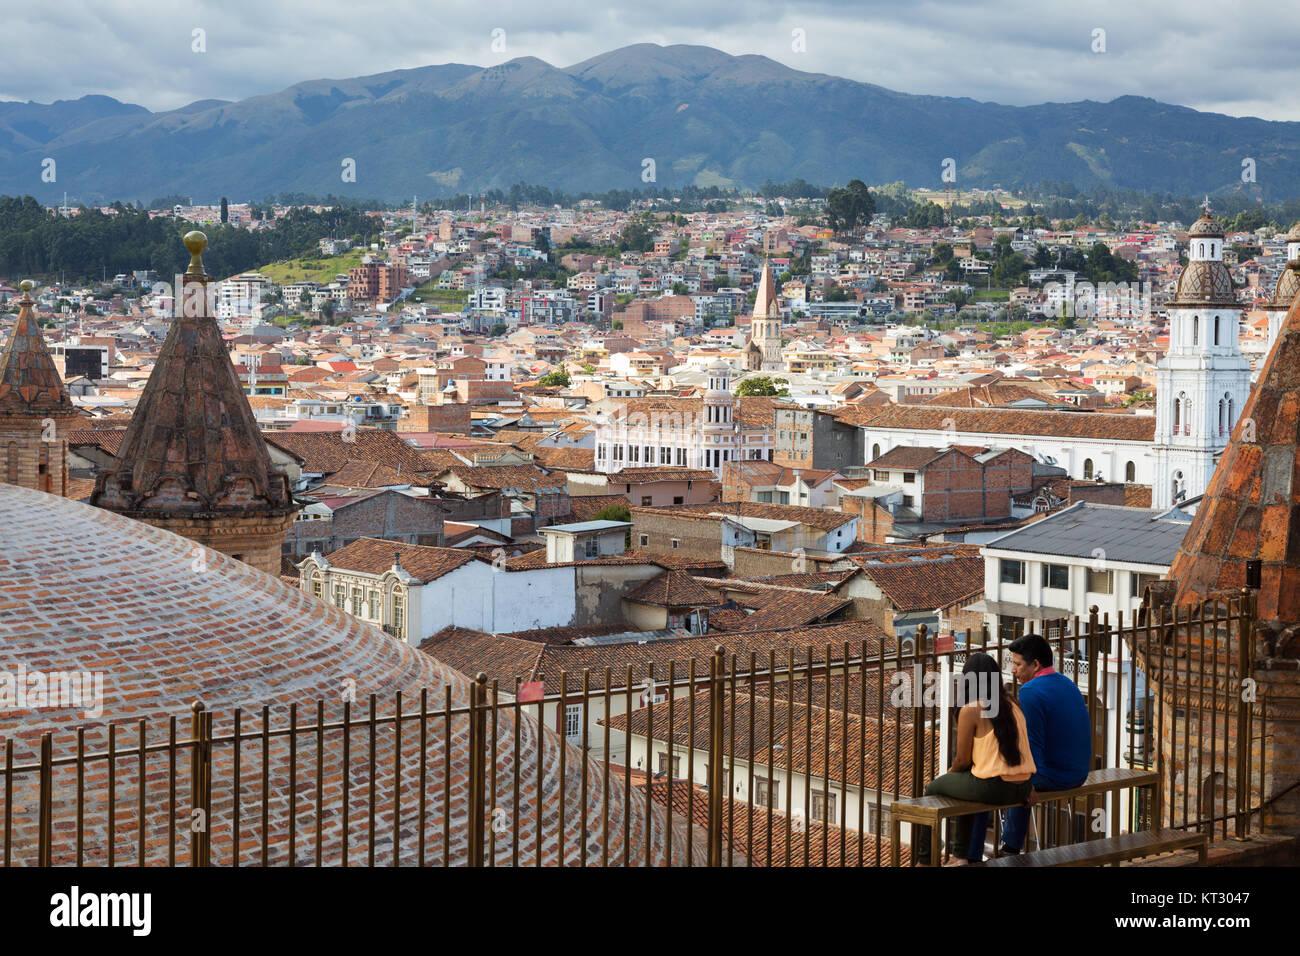 Ein Paar genießt die Aussicht von der Dachterrasse auf die Kathedrale Die Kathedrale von Cuenca, Cuenca, Ecuador Stockbild